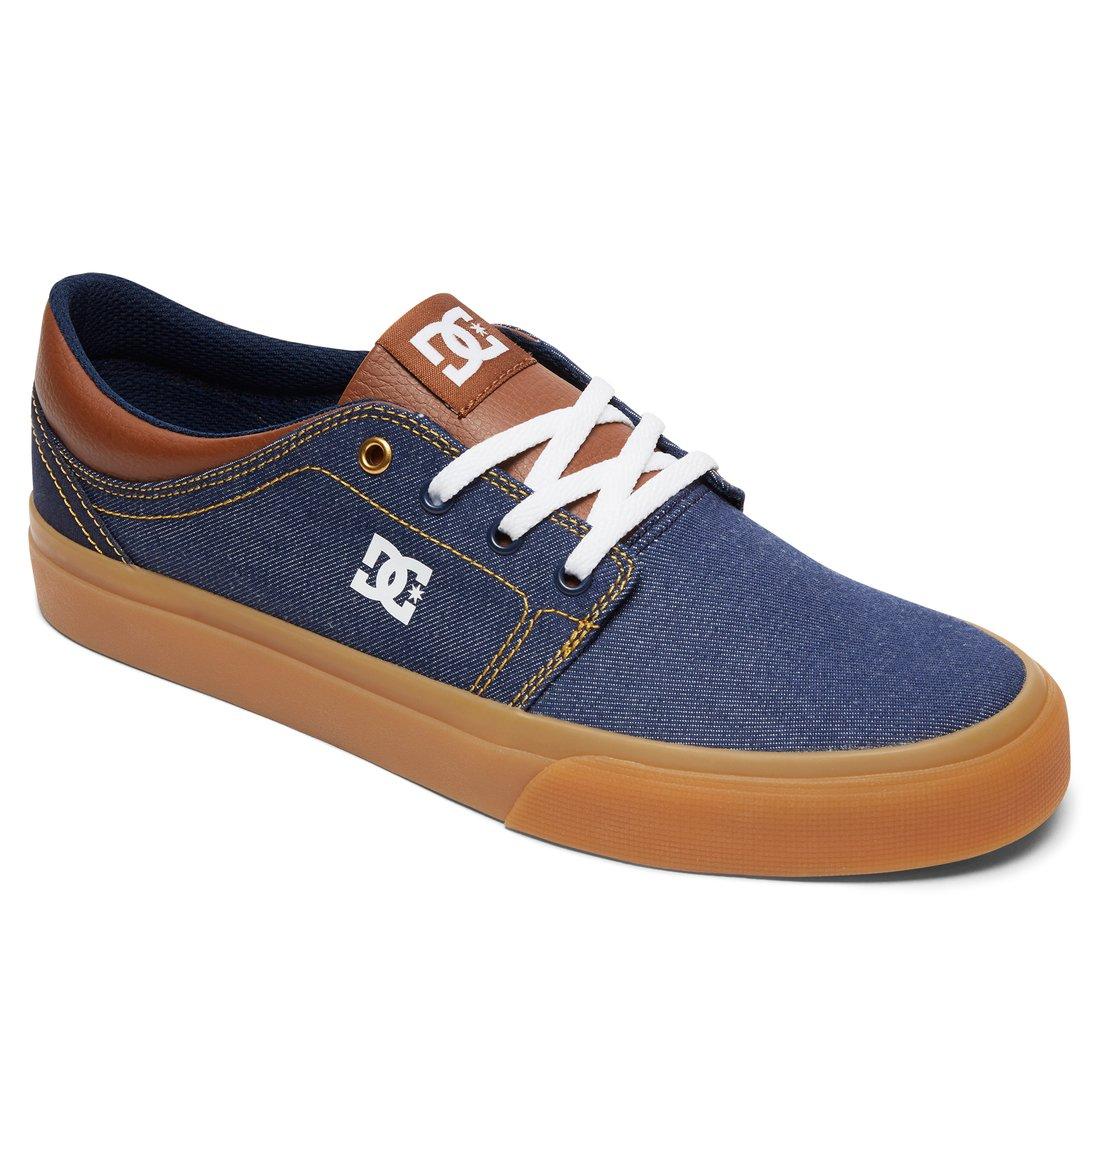 Trase Dc Tx Adys300123 Se Shoes rfUr1Iqw